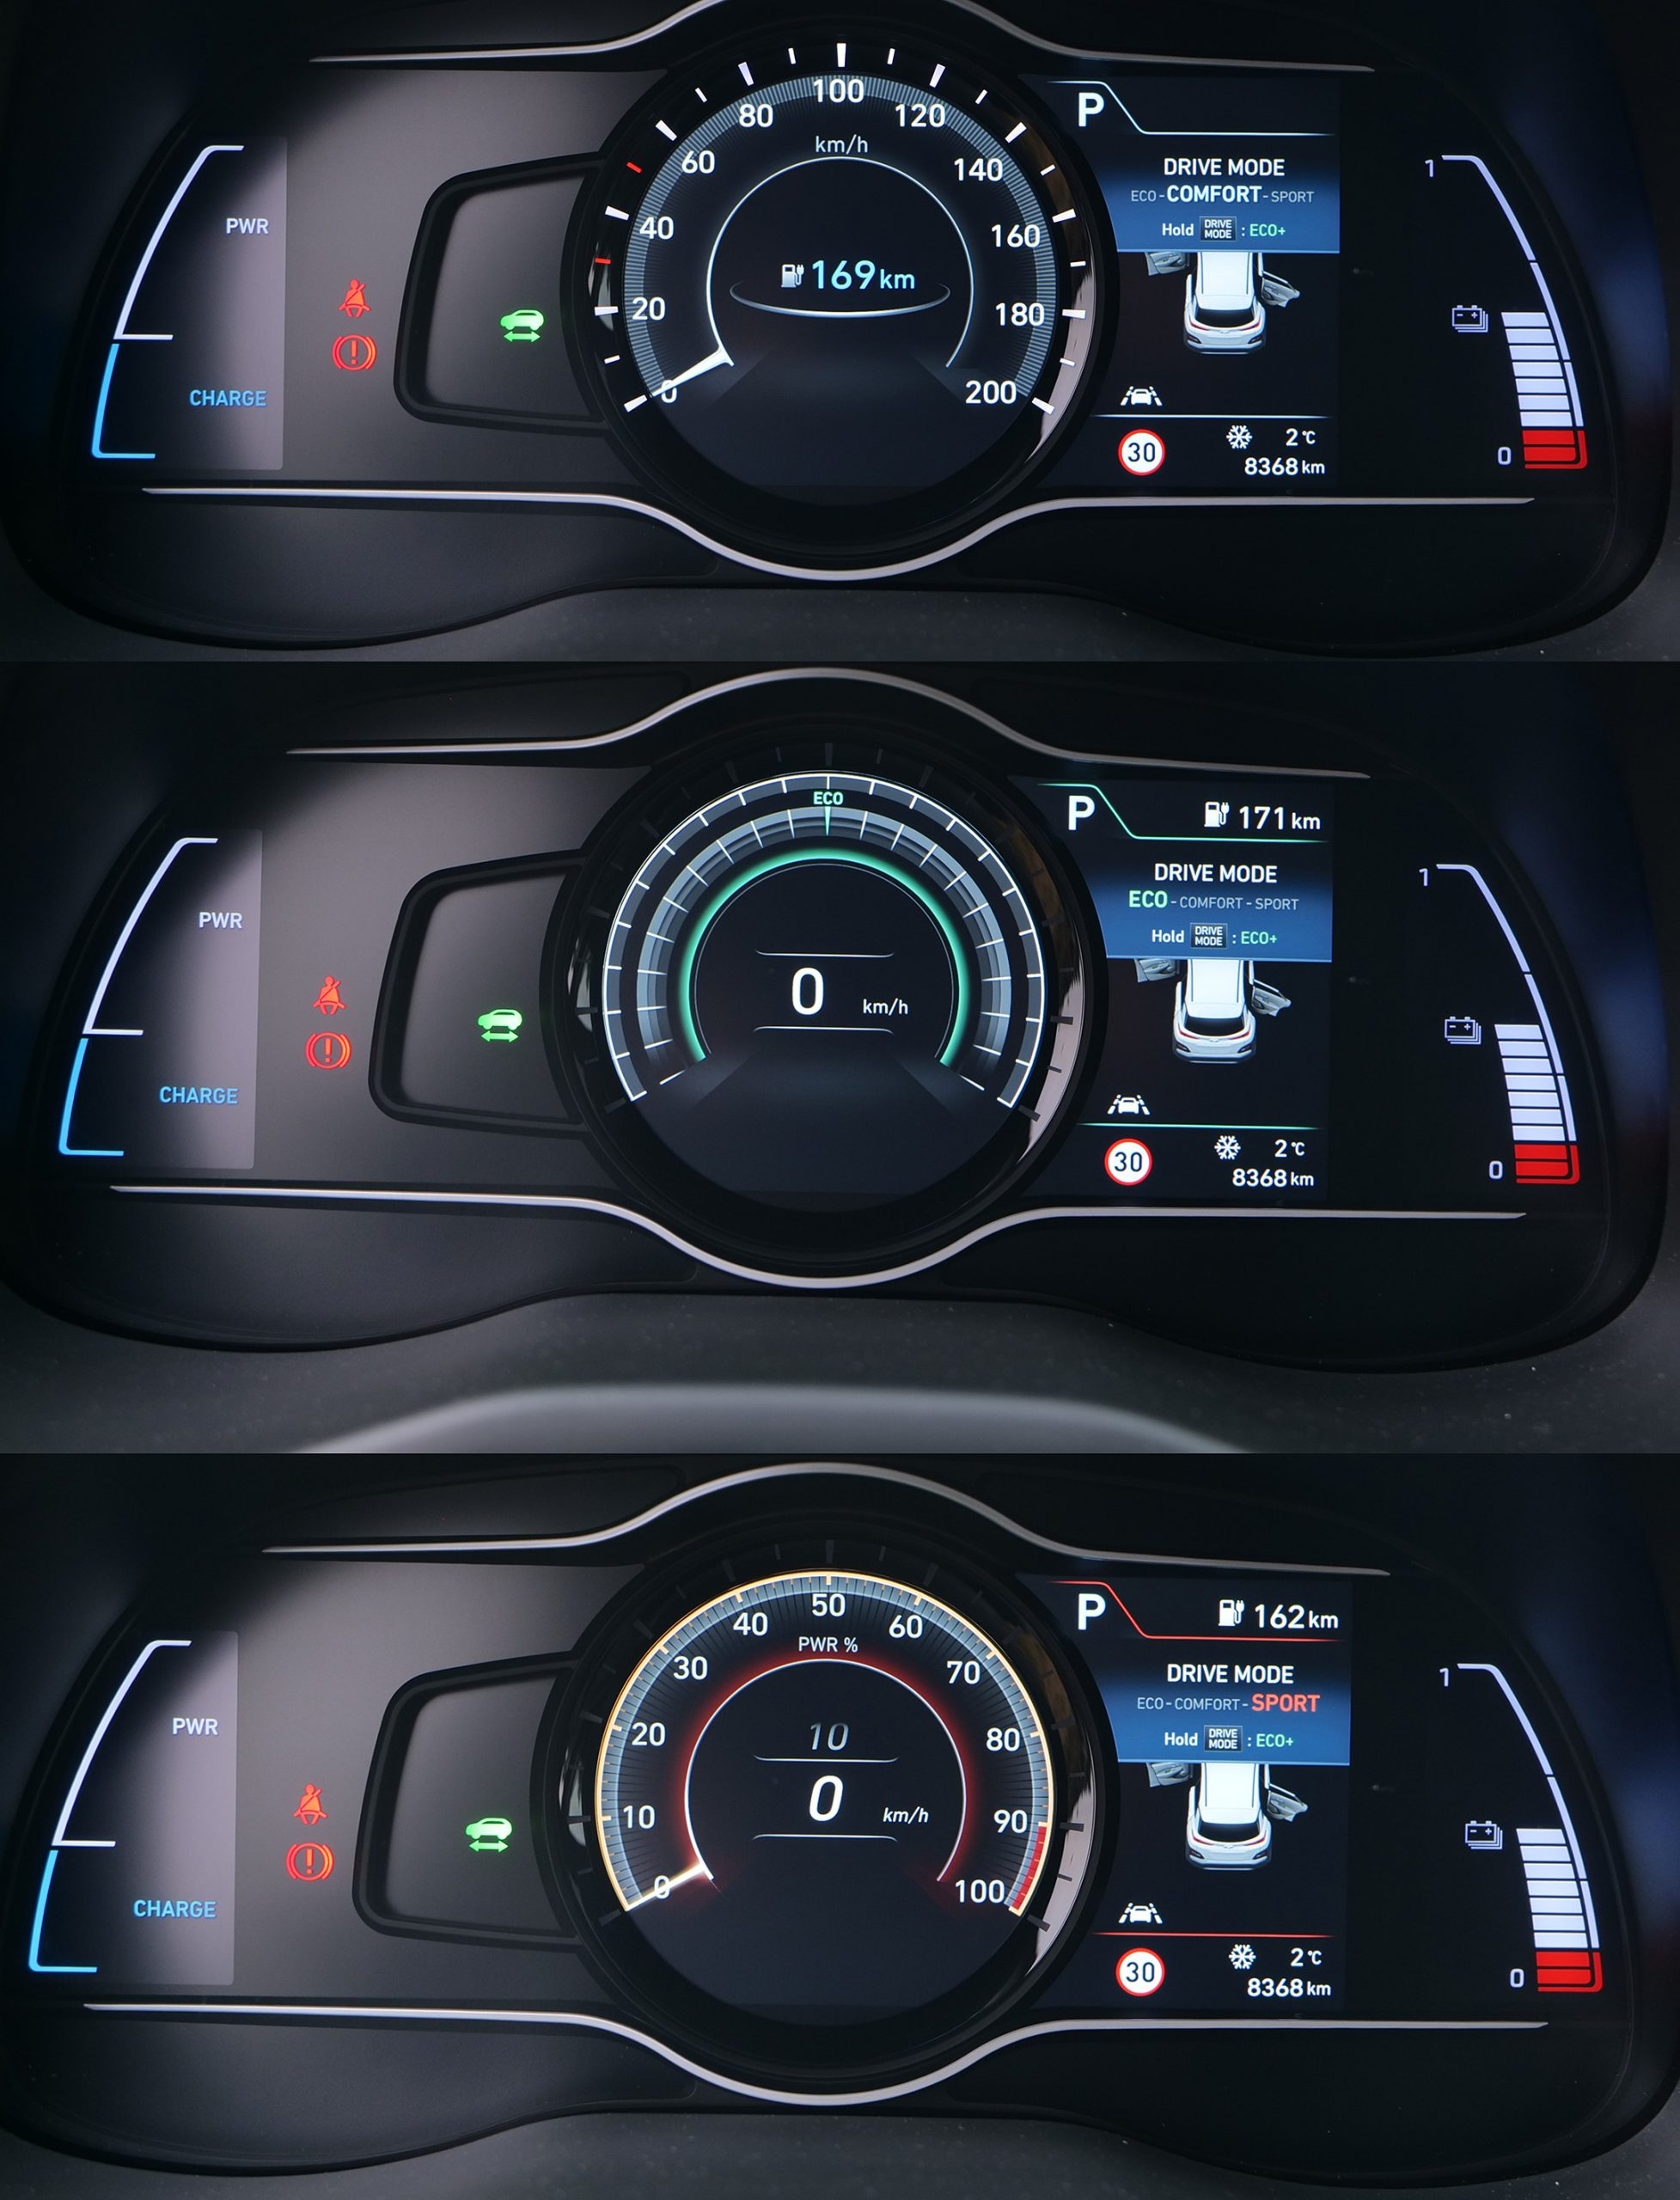 Hyundai Kona drive modes